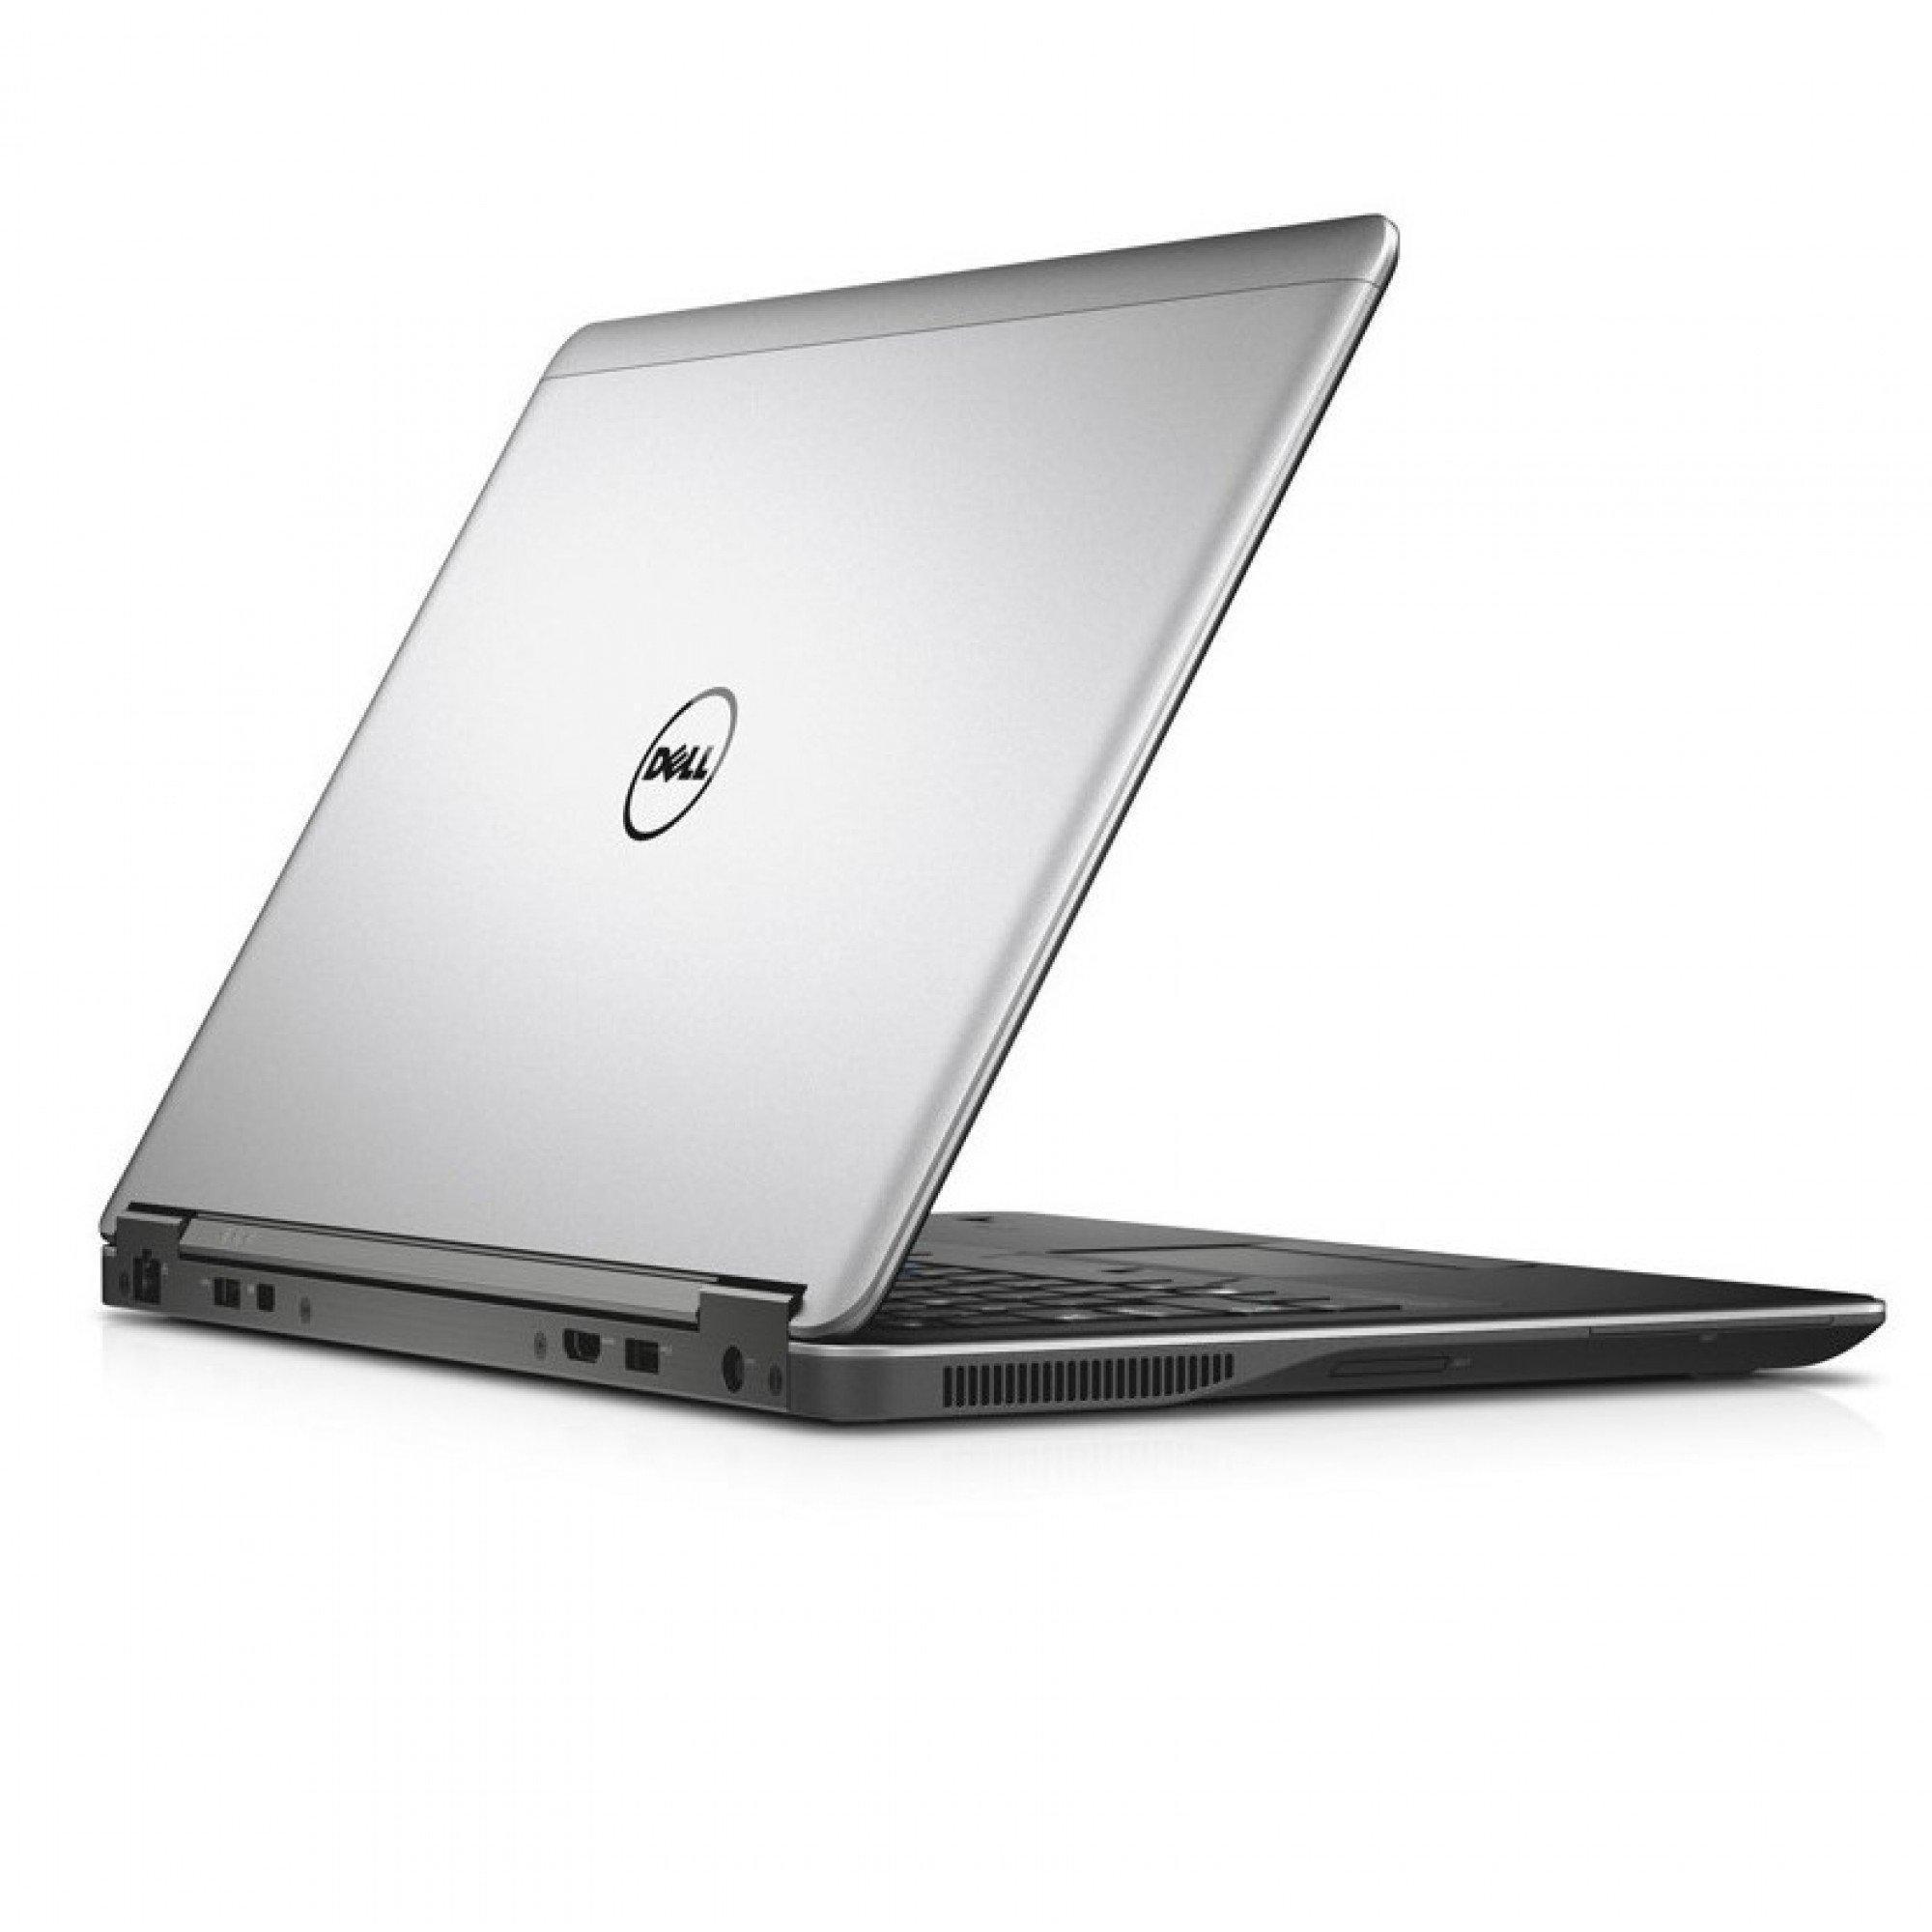 Dell Latitude E7440 14-tum (2013) - Core i5-4300U - 16GB - SSD 128 GB AZERTY - Fransk